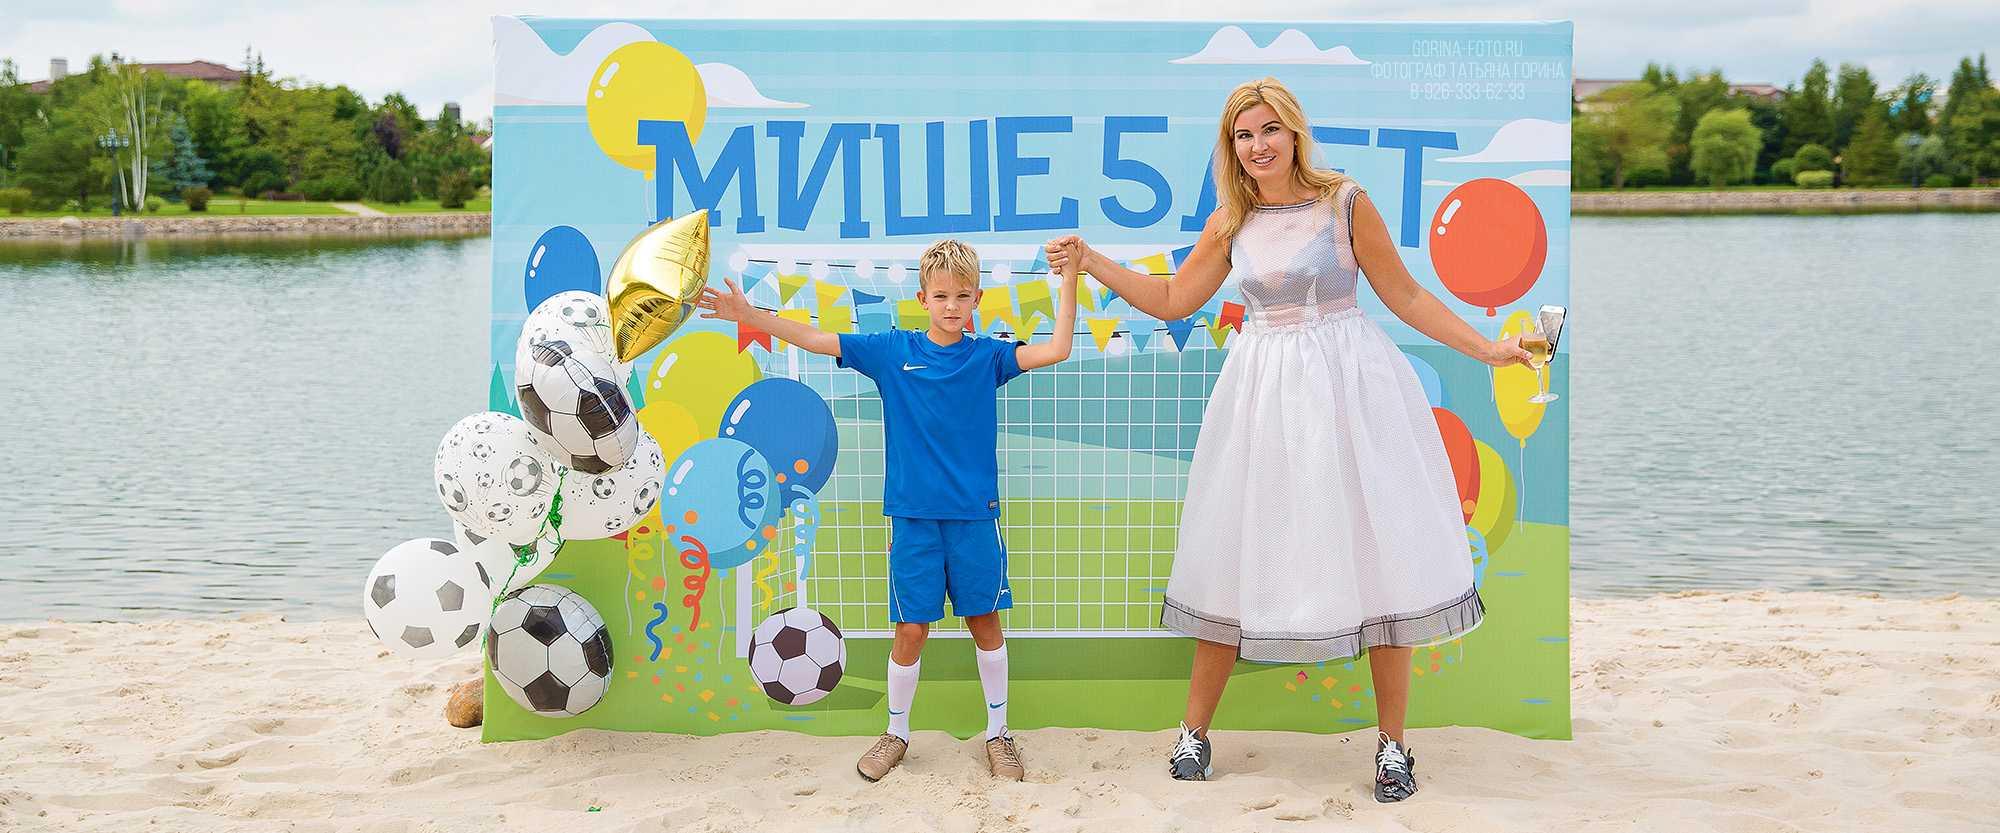 Фотосессия праздника ребенка. Фотограф Татьяна Горина.